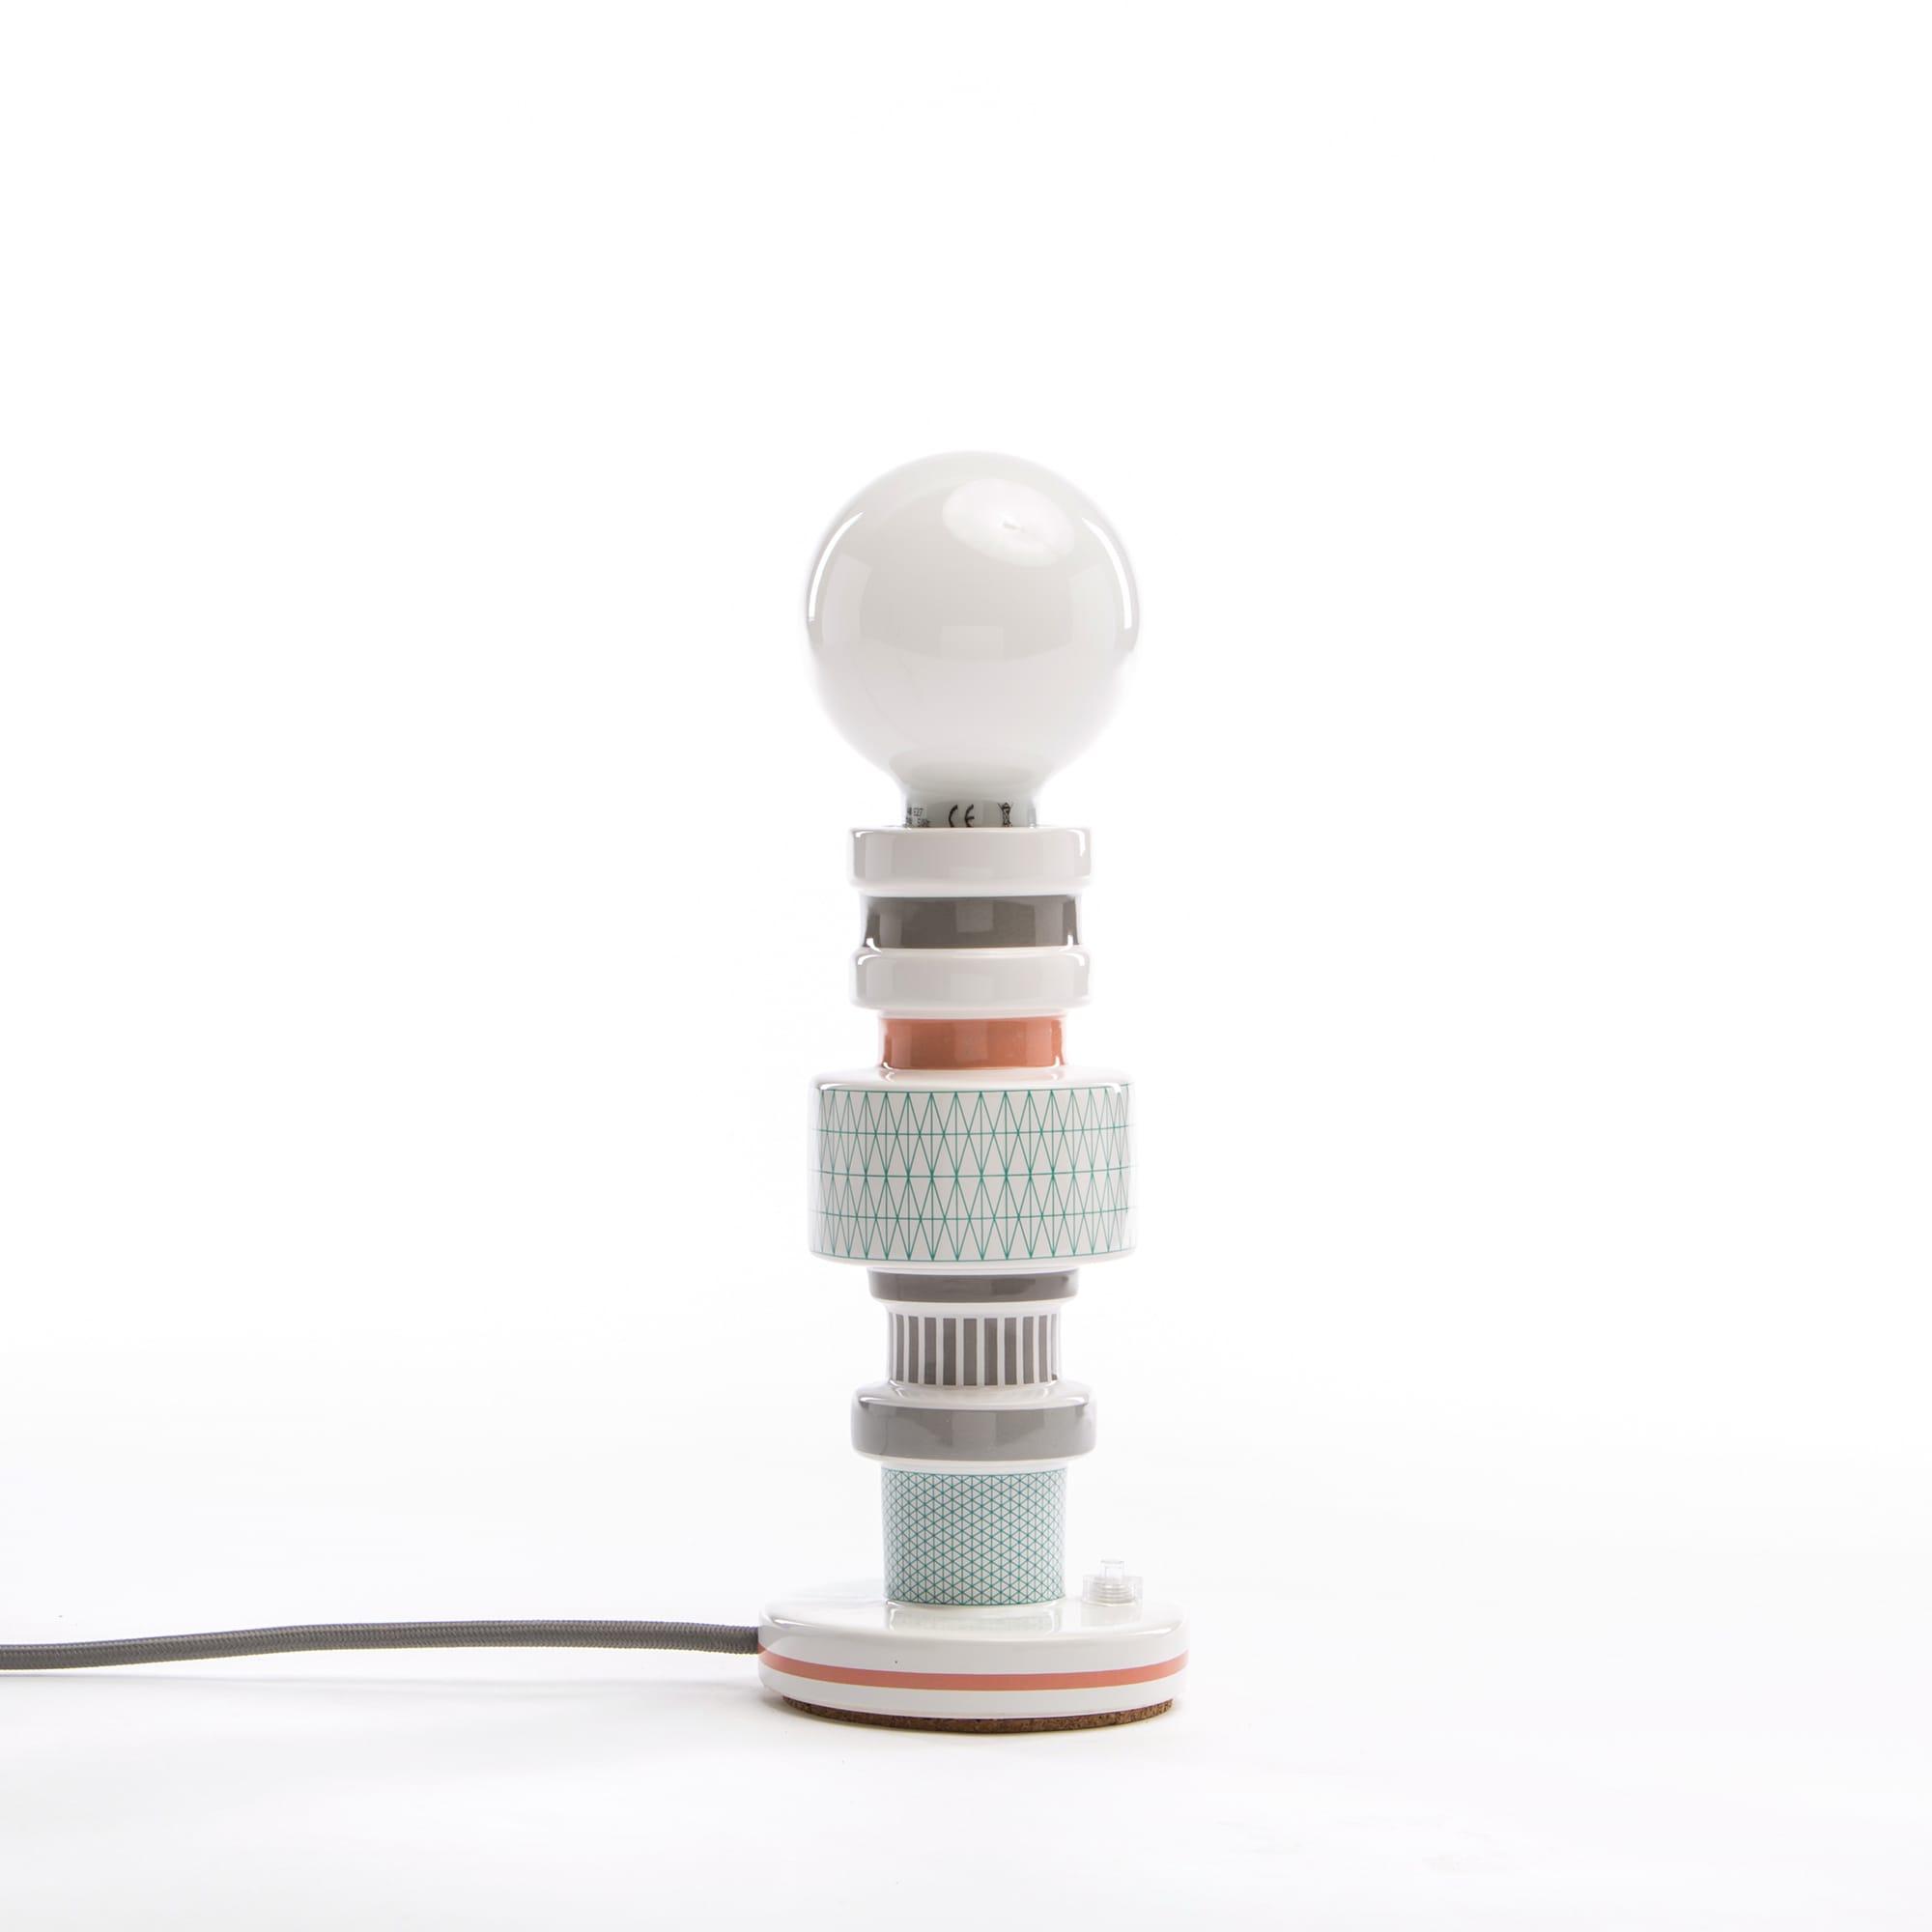 Настольная лампа Moresque RomboДекоративные лампы<br>Вид цоколя: E27Мощность: 40WКоличество ламп: 1 (нет в комплекте)<br><br>kit: None<br>gender: None